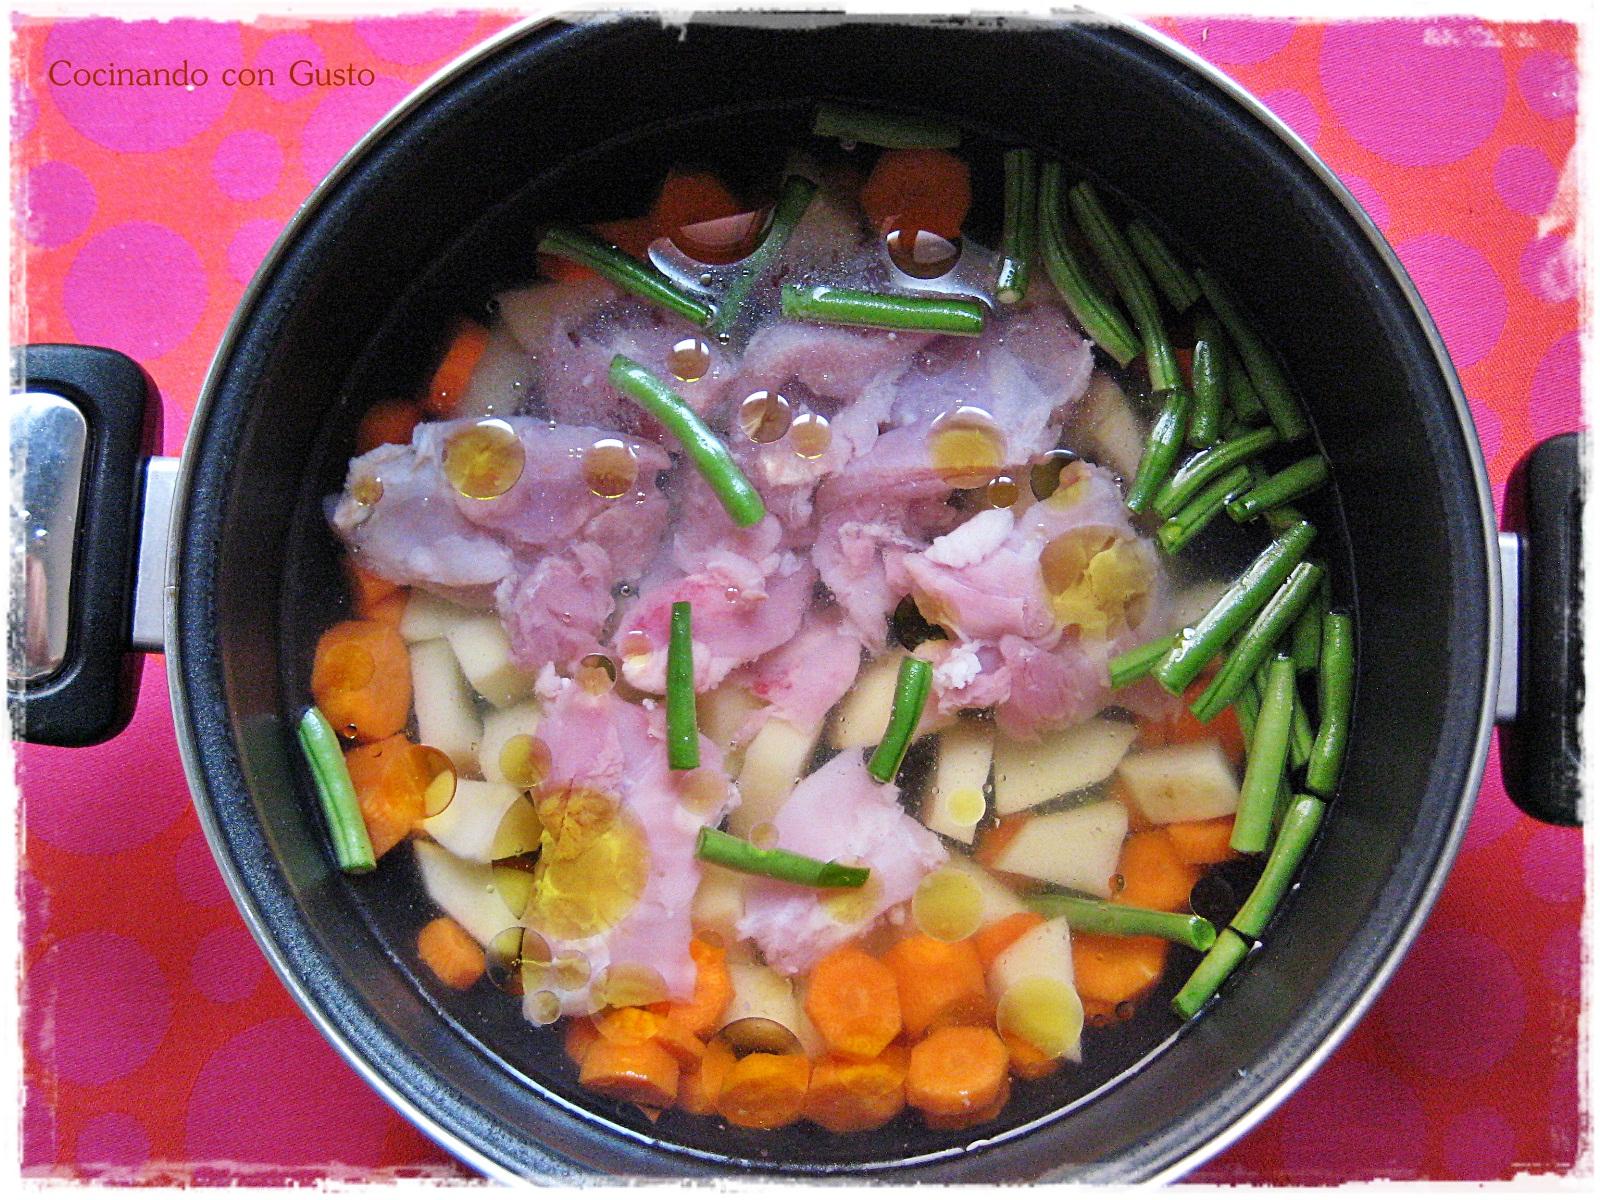 Cocinando con gusto papilla de pollo para beb s de 6 meses - Comidas para bebes de 5 a 6 meses ...